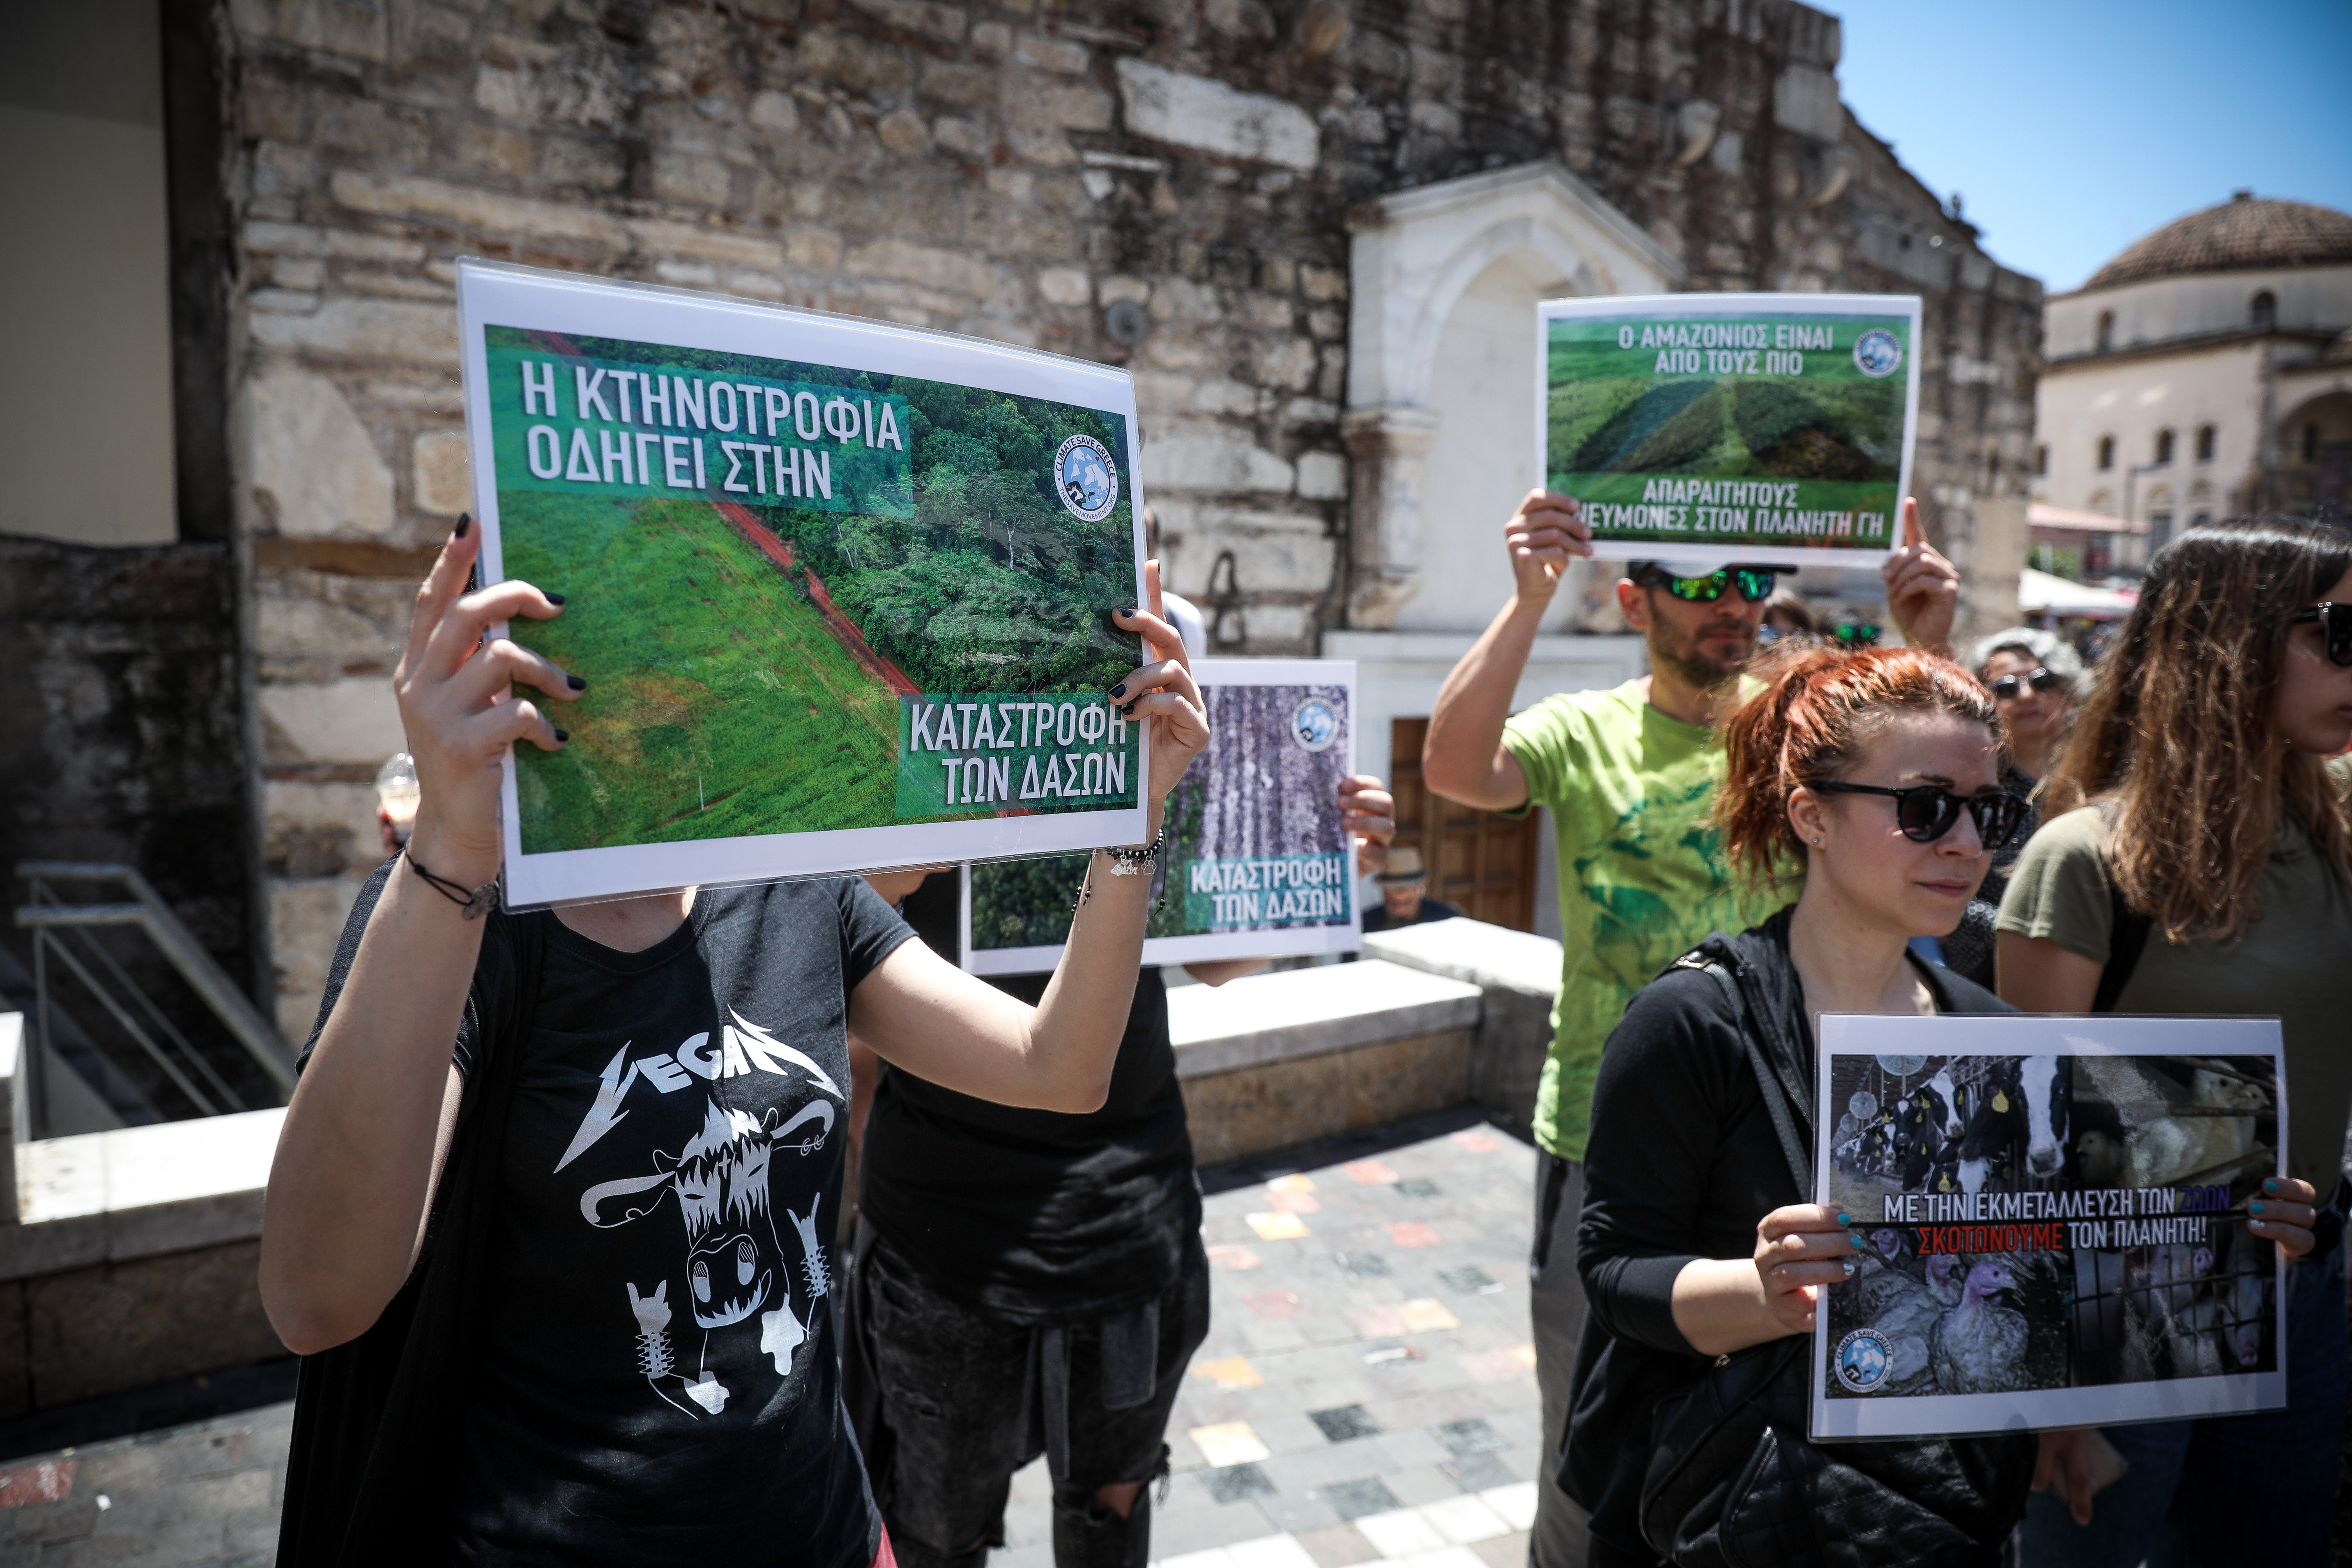 Μαθητική πορεία στην Αθήνα κατά της κλιματικής αλλαγής / Φωτογραφία: EUROKINISSI